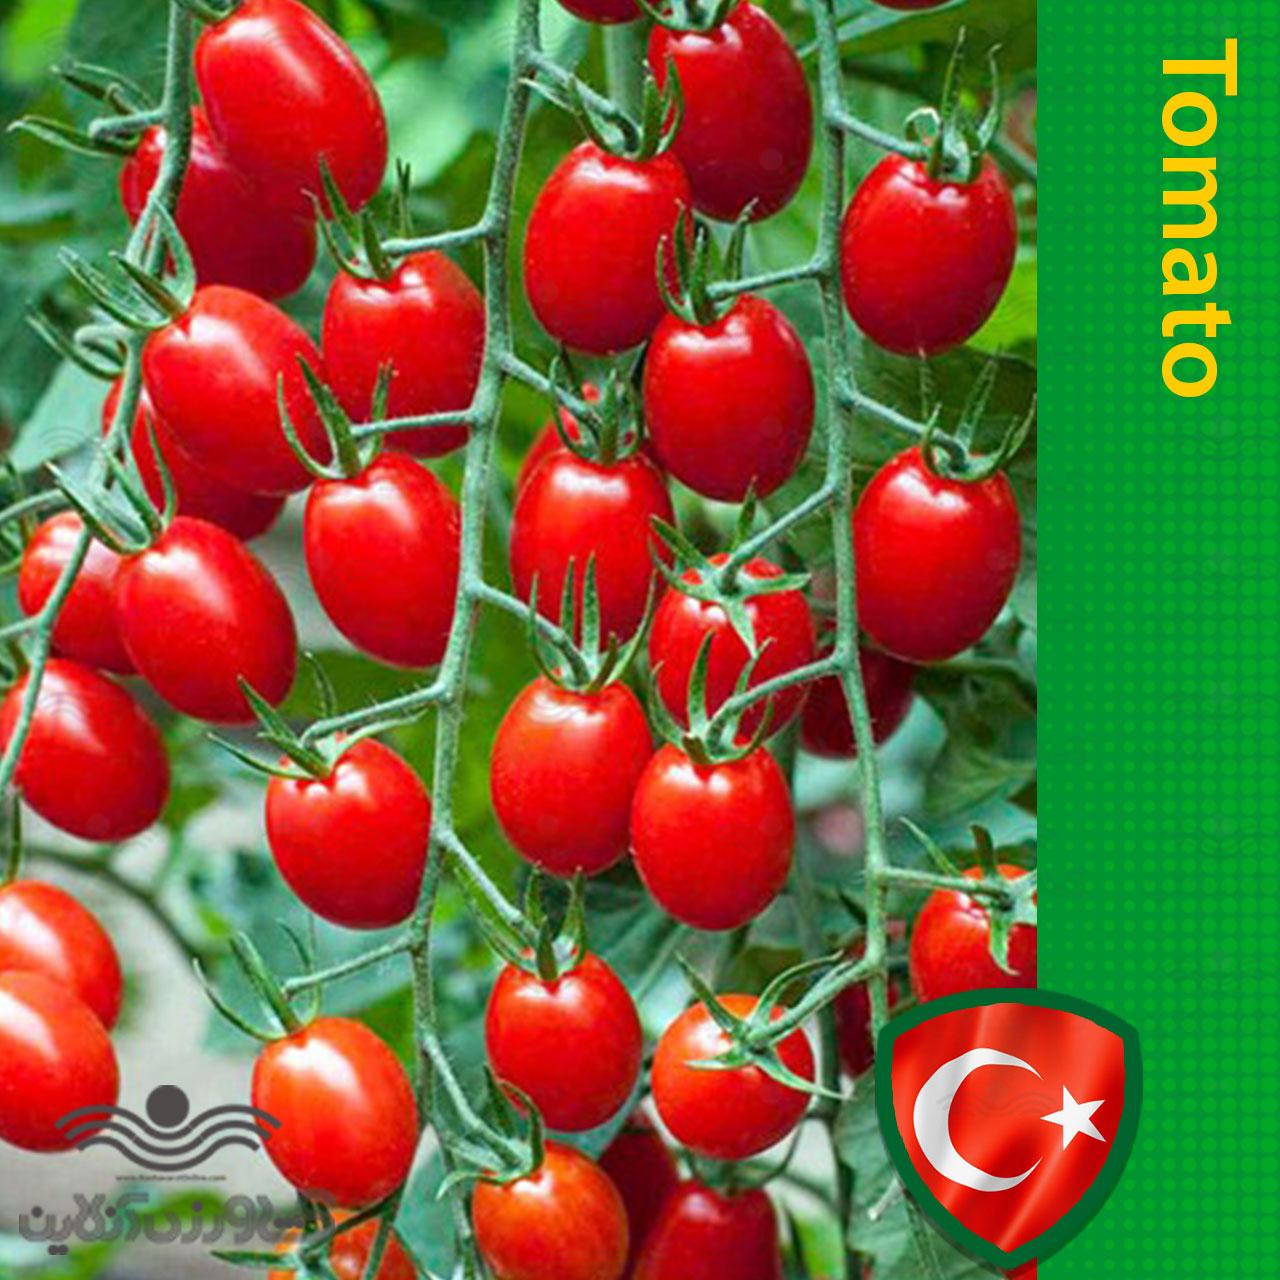 خرید اینترنتی بذر گوجه فرنگی سرخ گیلاسی